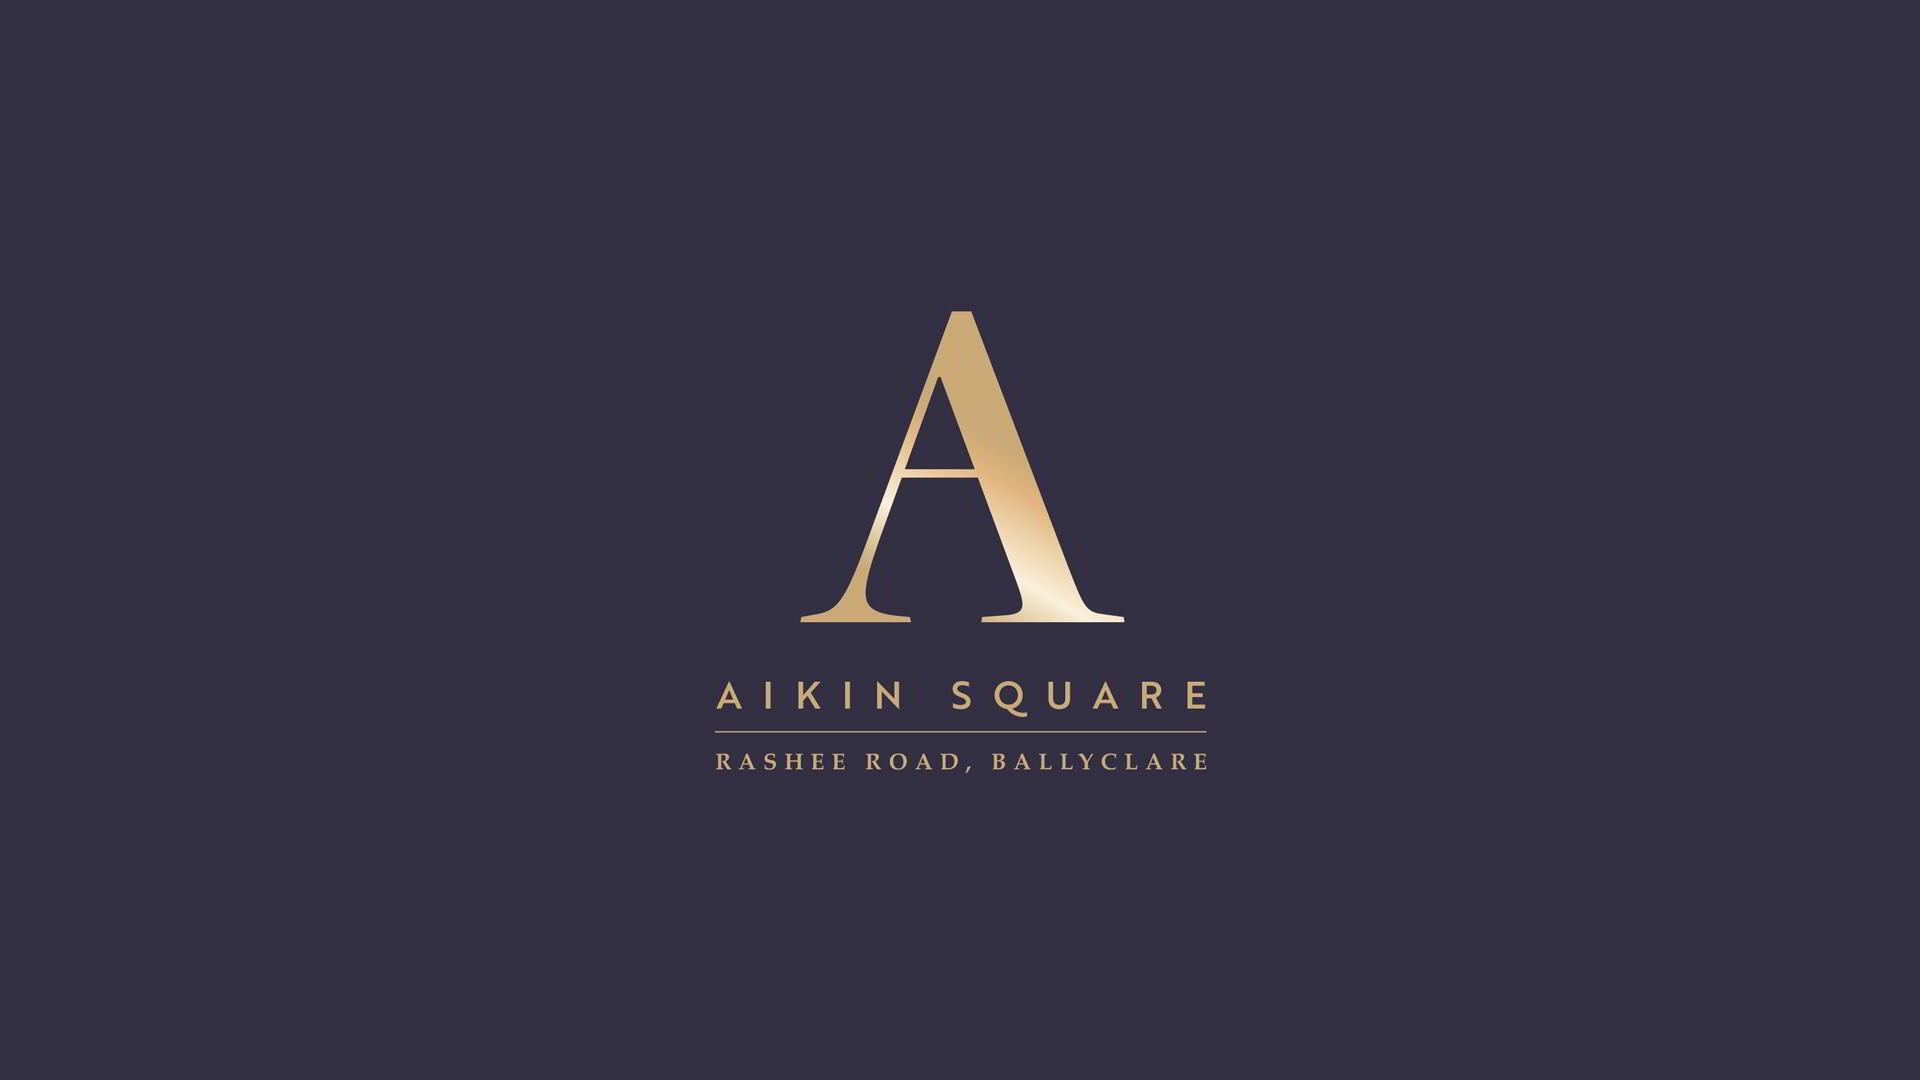 Aikin Square, Ballyclare,